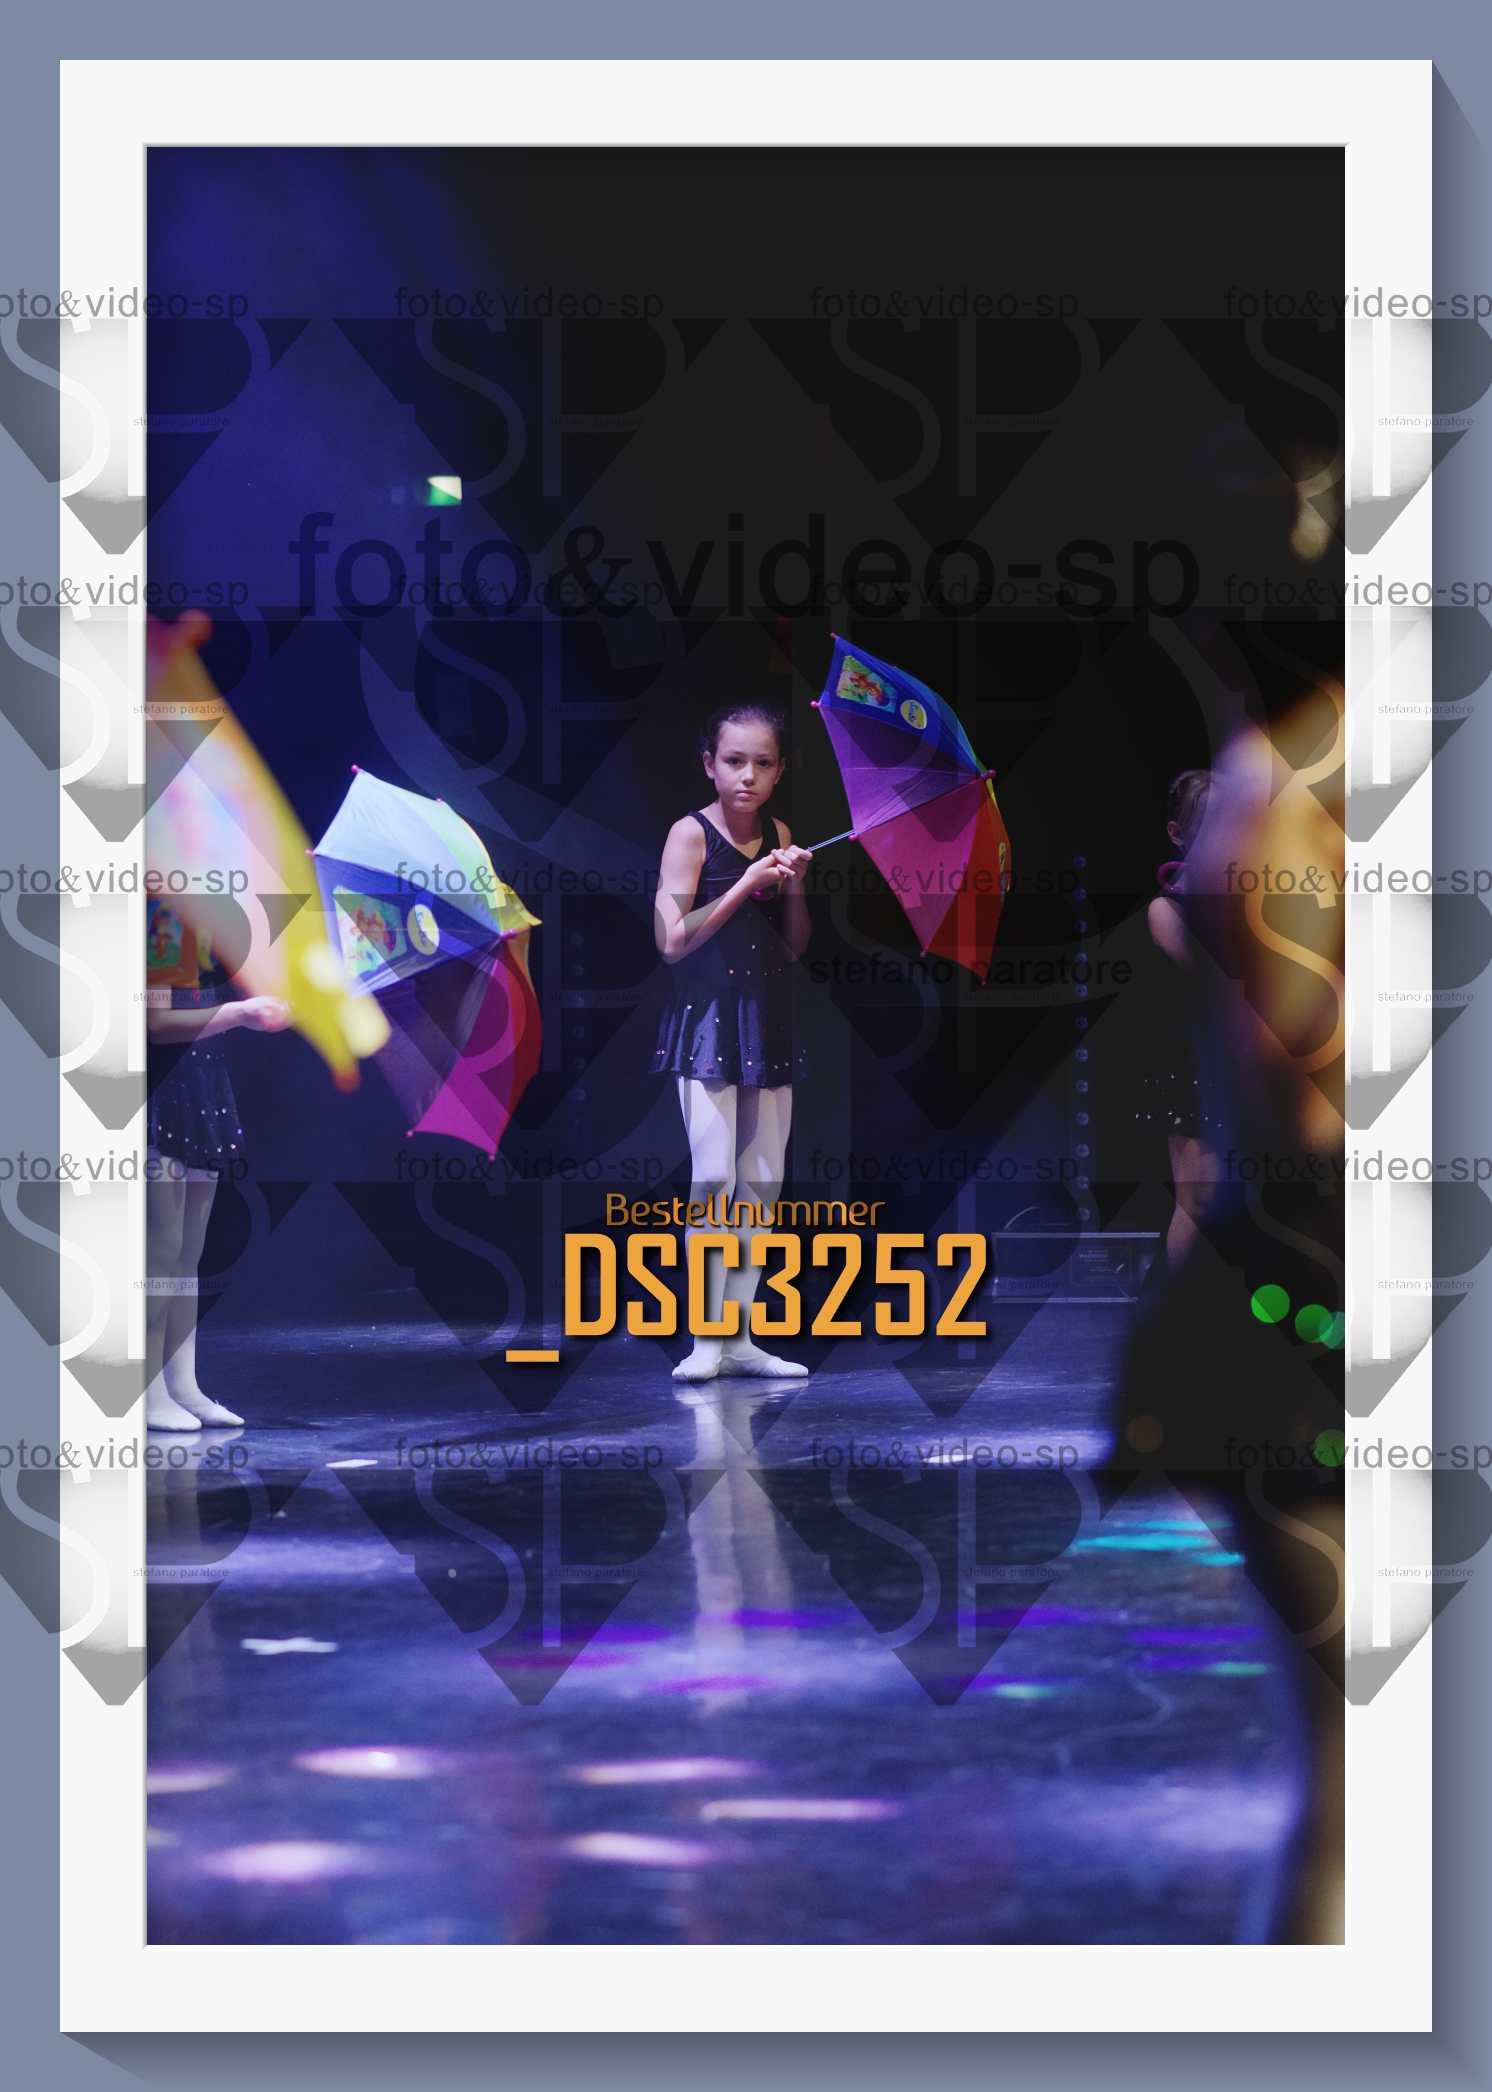 DSC3252